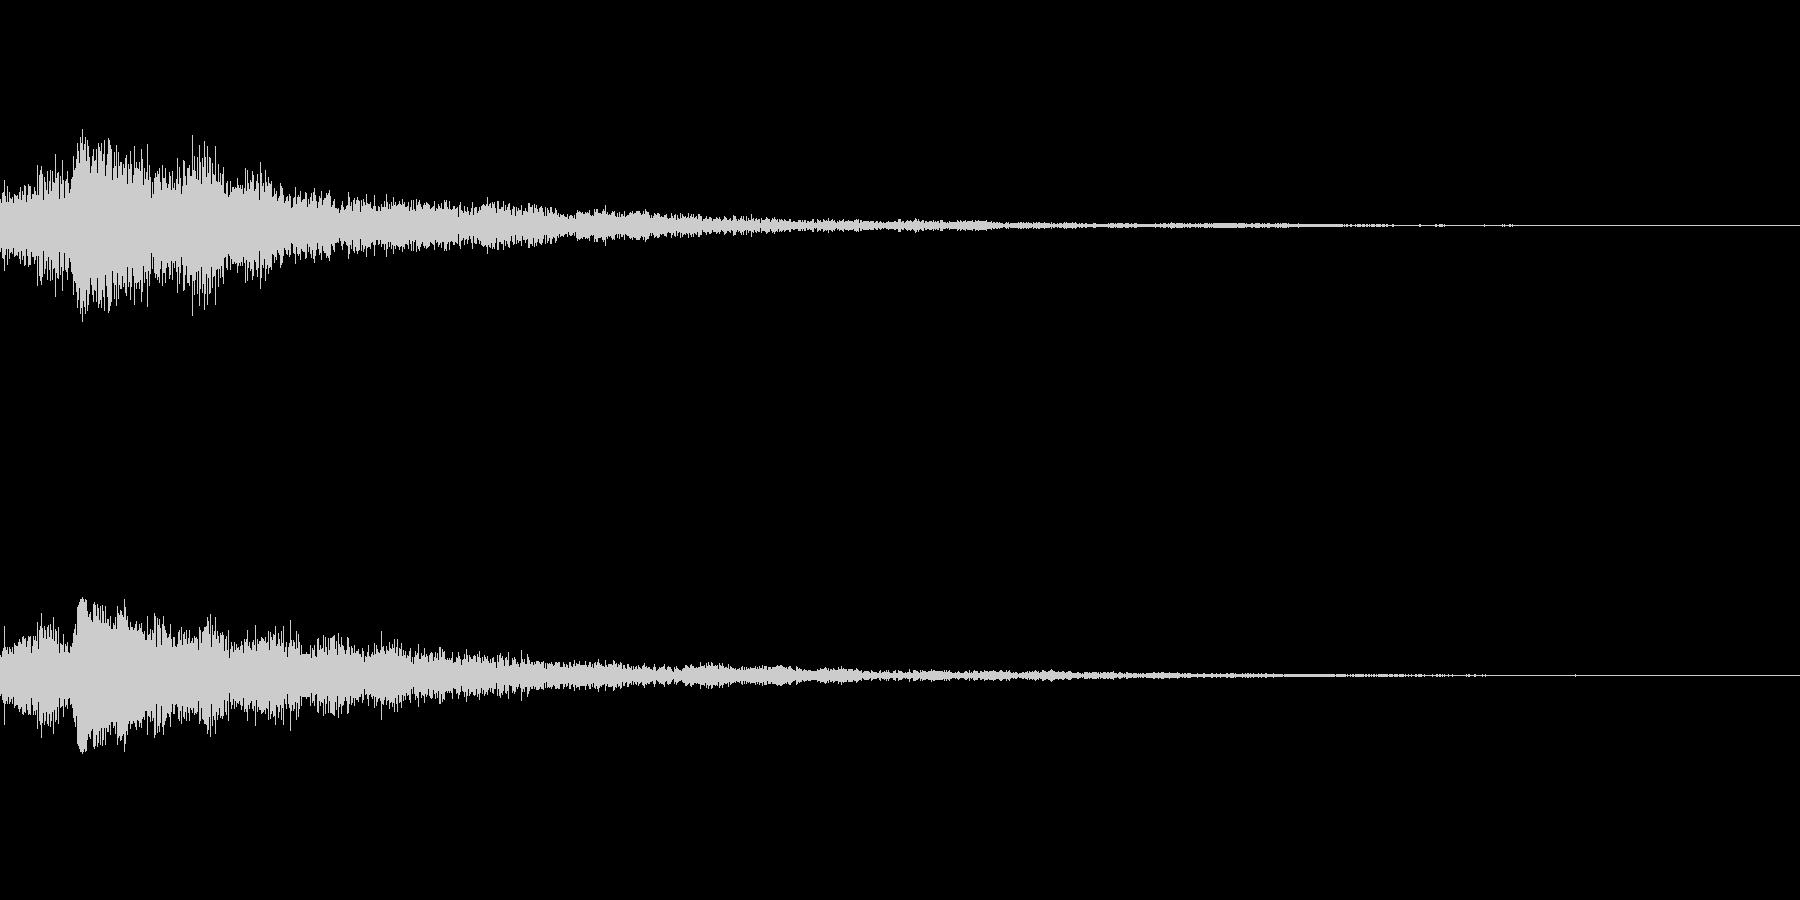 しゃらん♪ (連鎖01)の未再生の波形